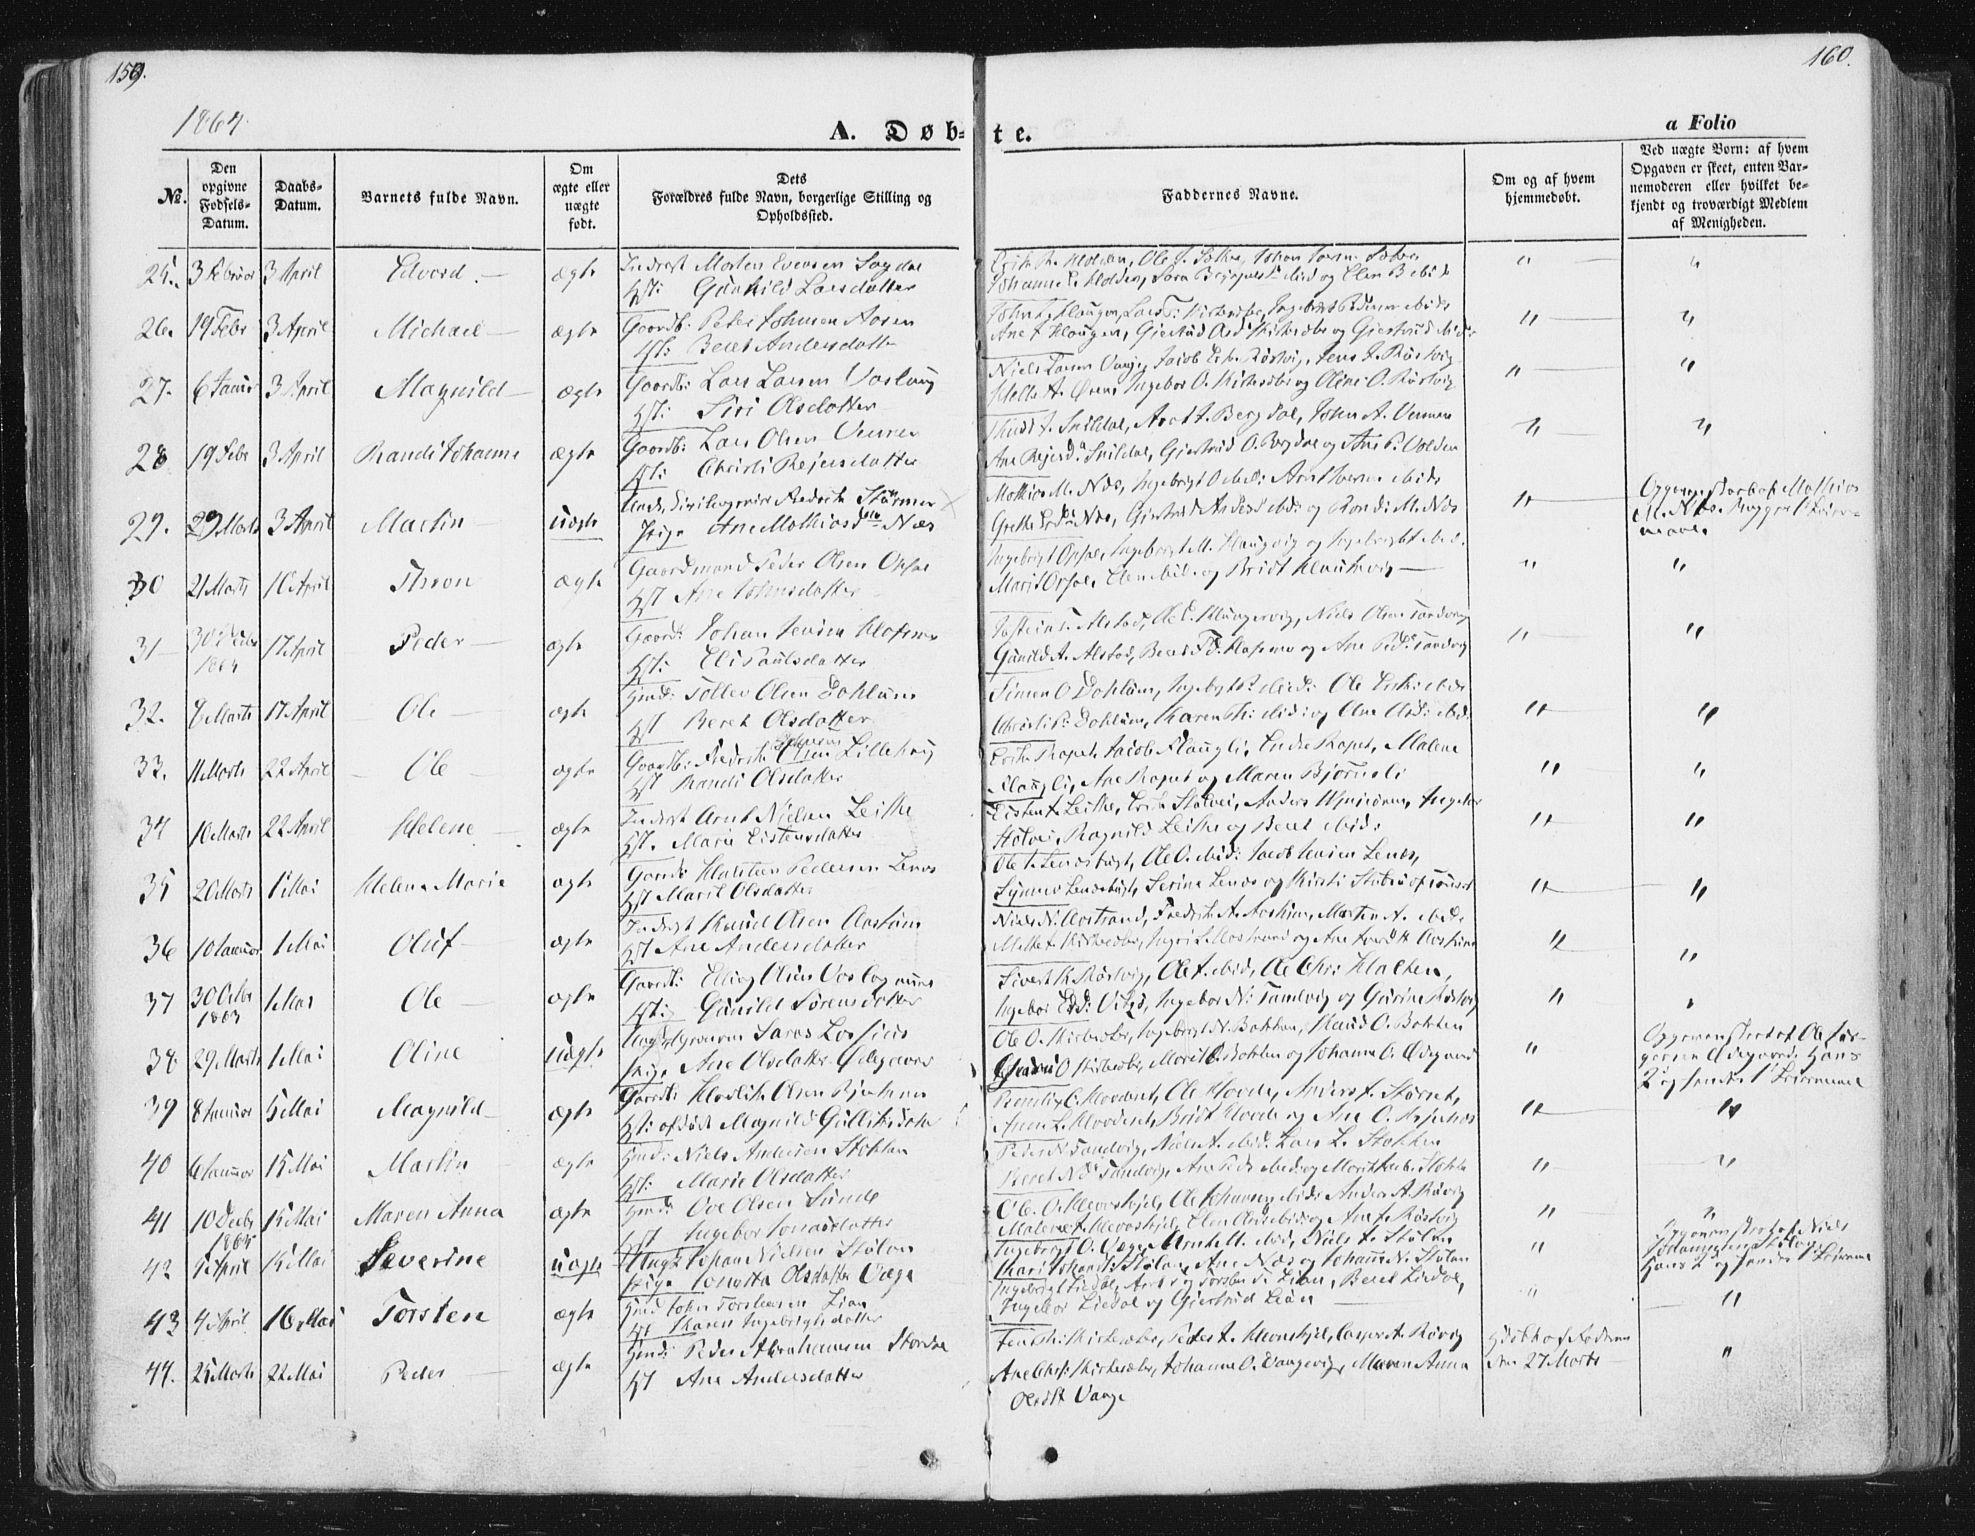 SAT, Ministerialprotokoller, klokkerbøker og fødselsregistre - Sør-Trøndelag, 630/L0494: Ministerialbok nr. 630A07, 1852-1868, s. 159-160